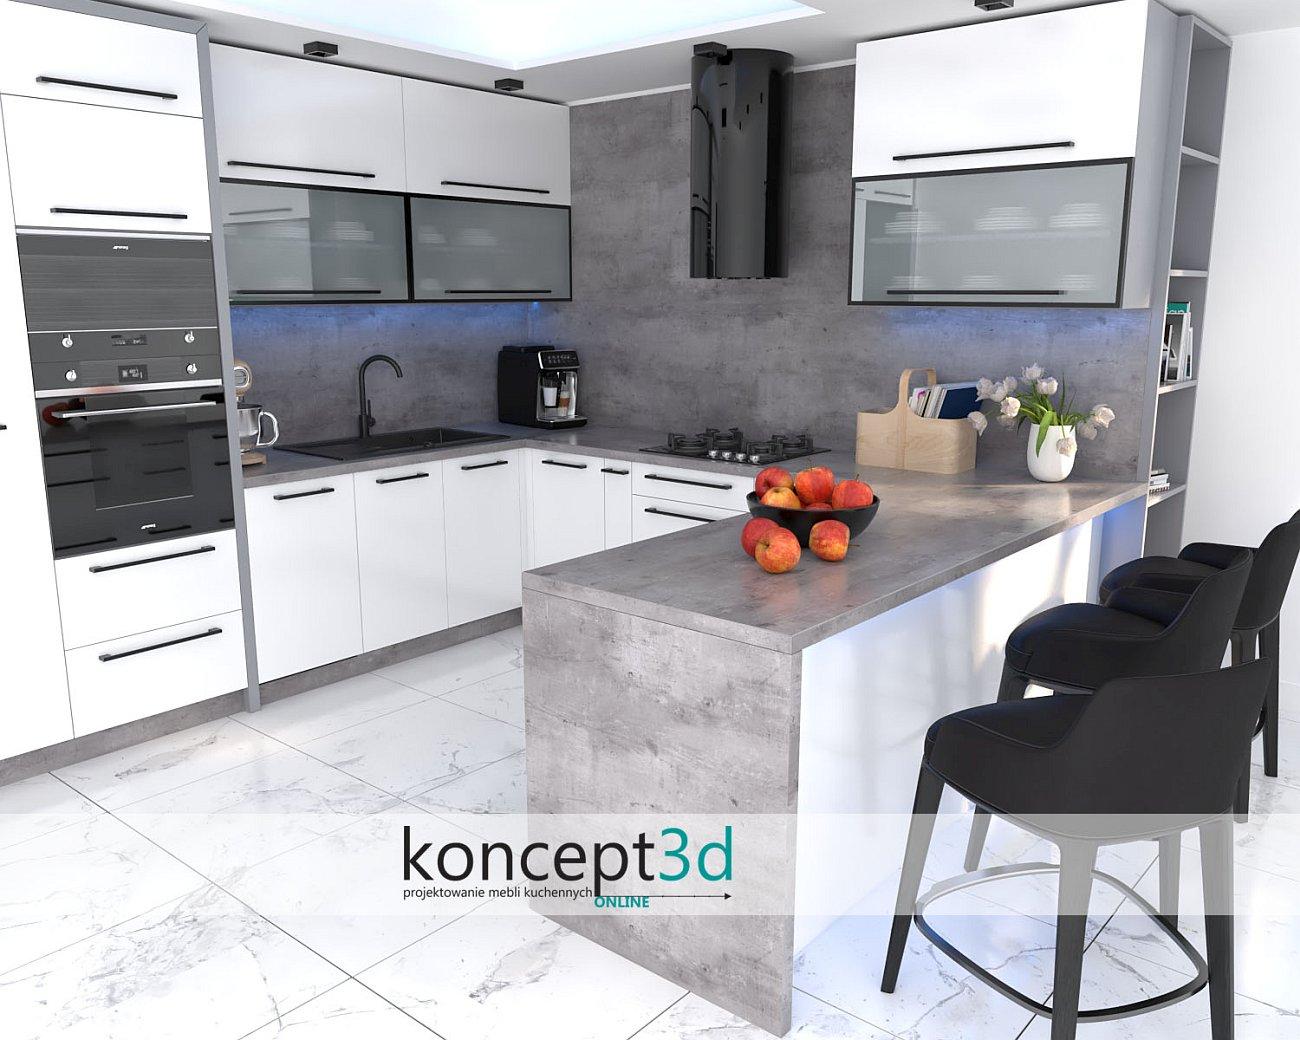 D1038 Beton Millenium w białej kuchni z półwyspem   koncept3d projekty kuchni online   meble na wymiar Kraków i Warszawa